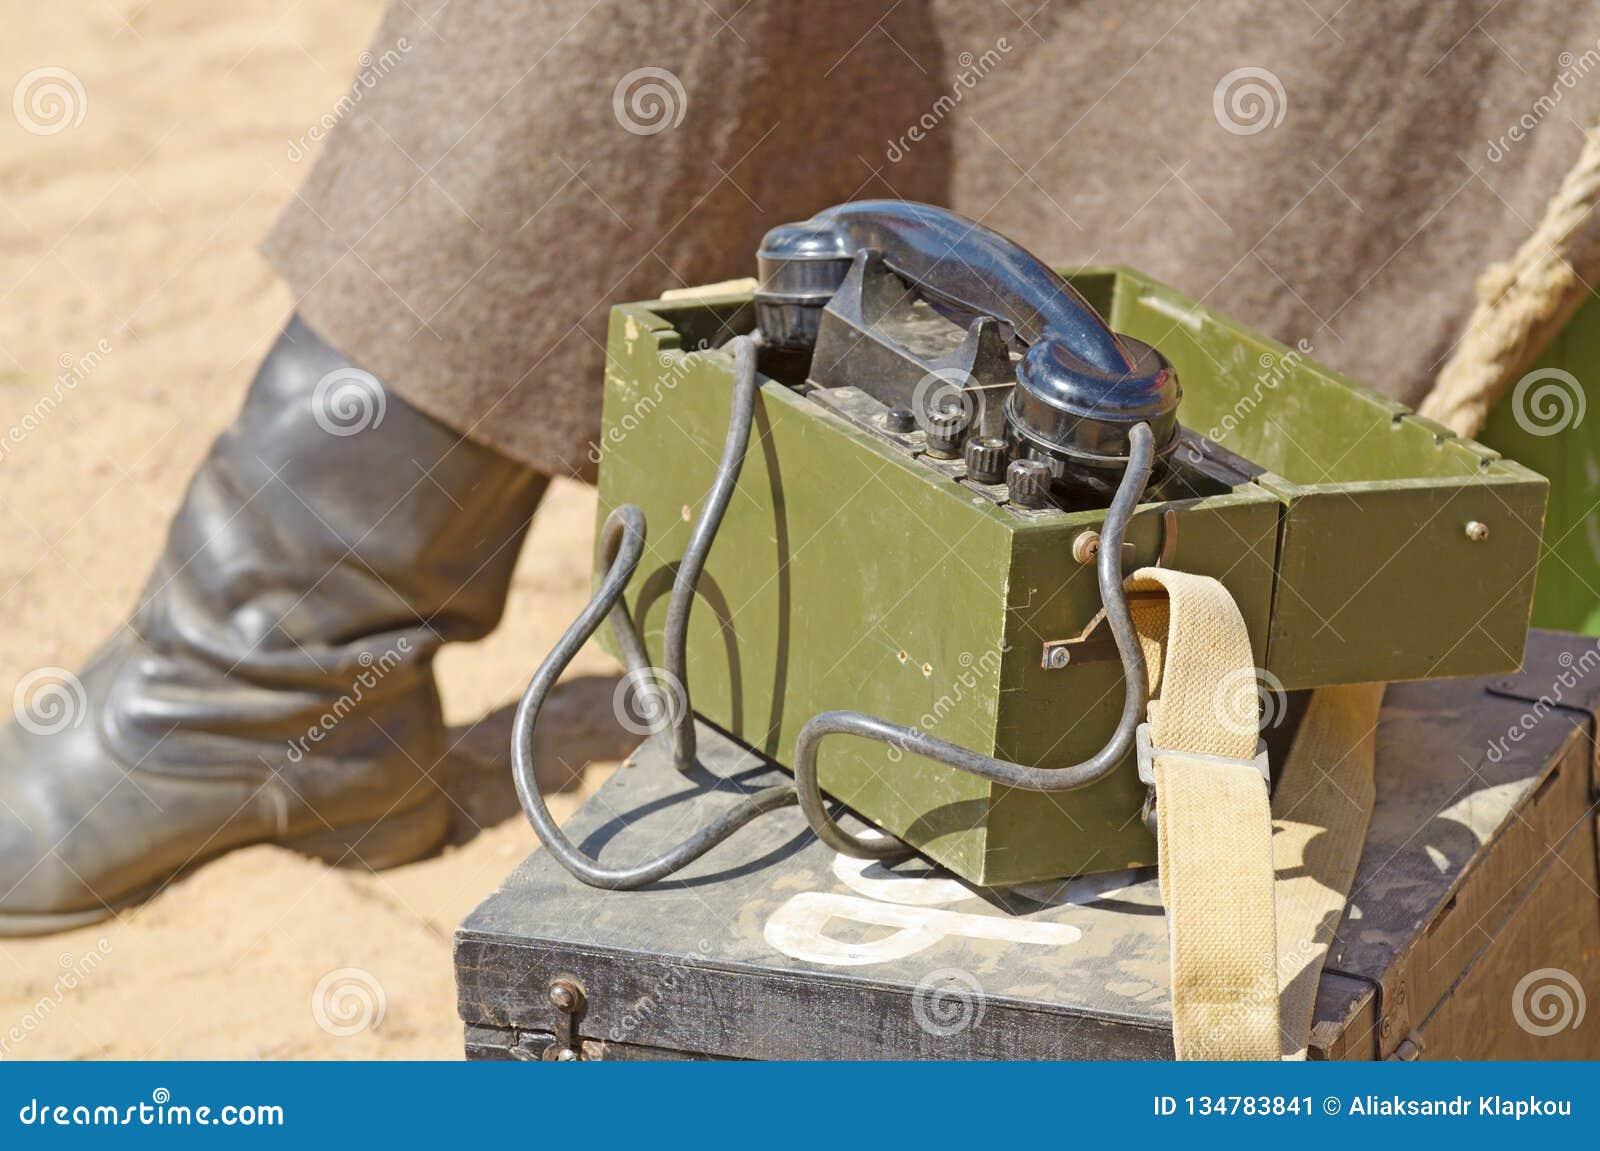 aa56e9c0c60da Military Paraphernalia At The Festival Stock Image - Image of phone ...